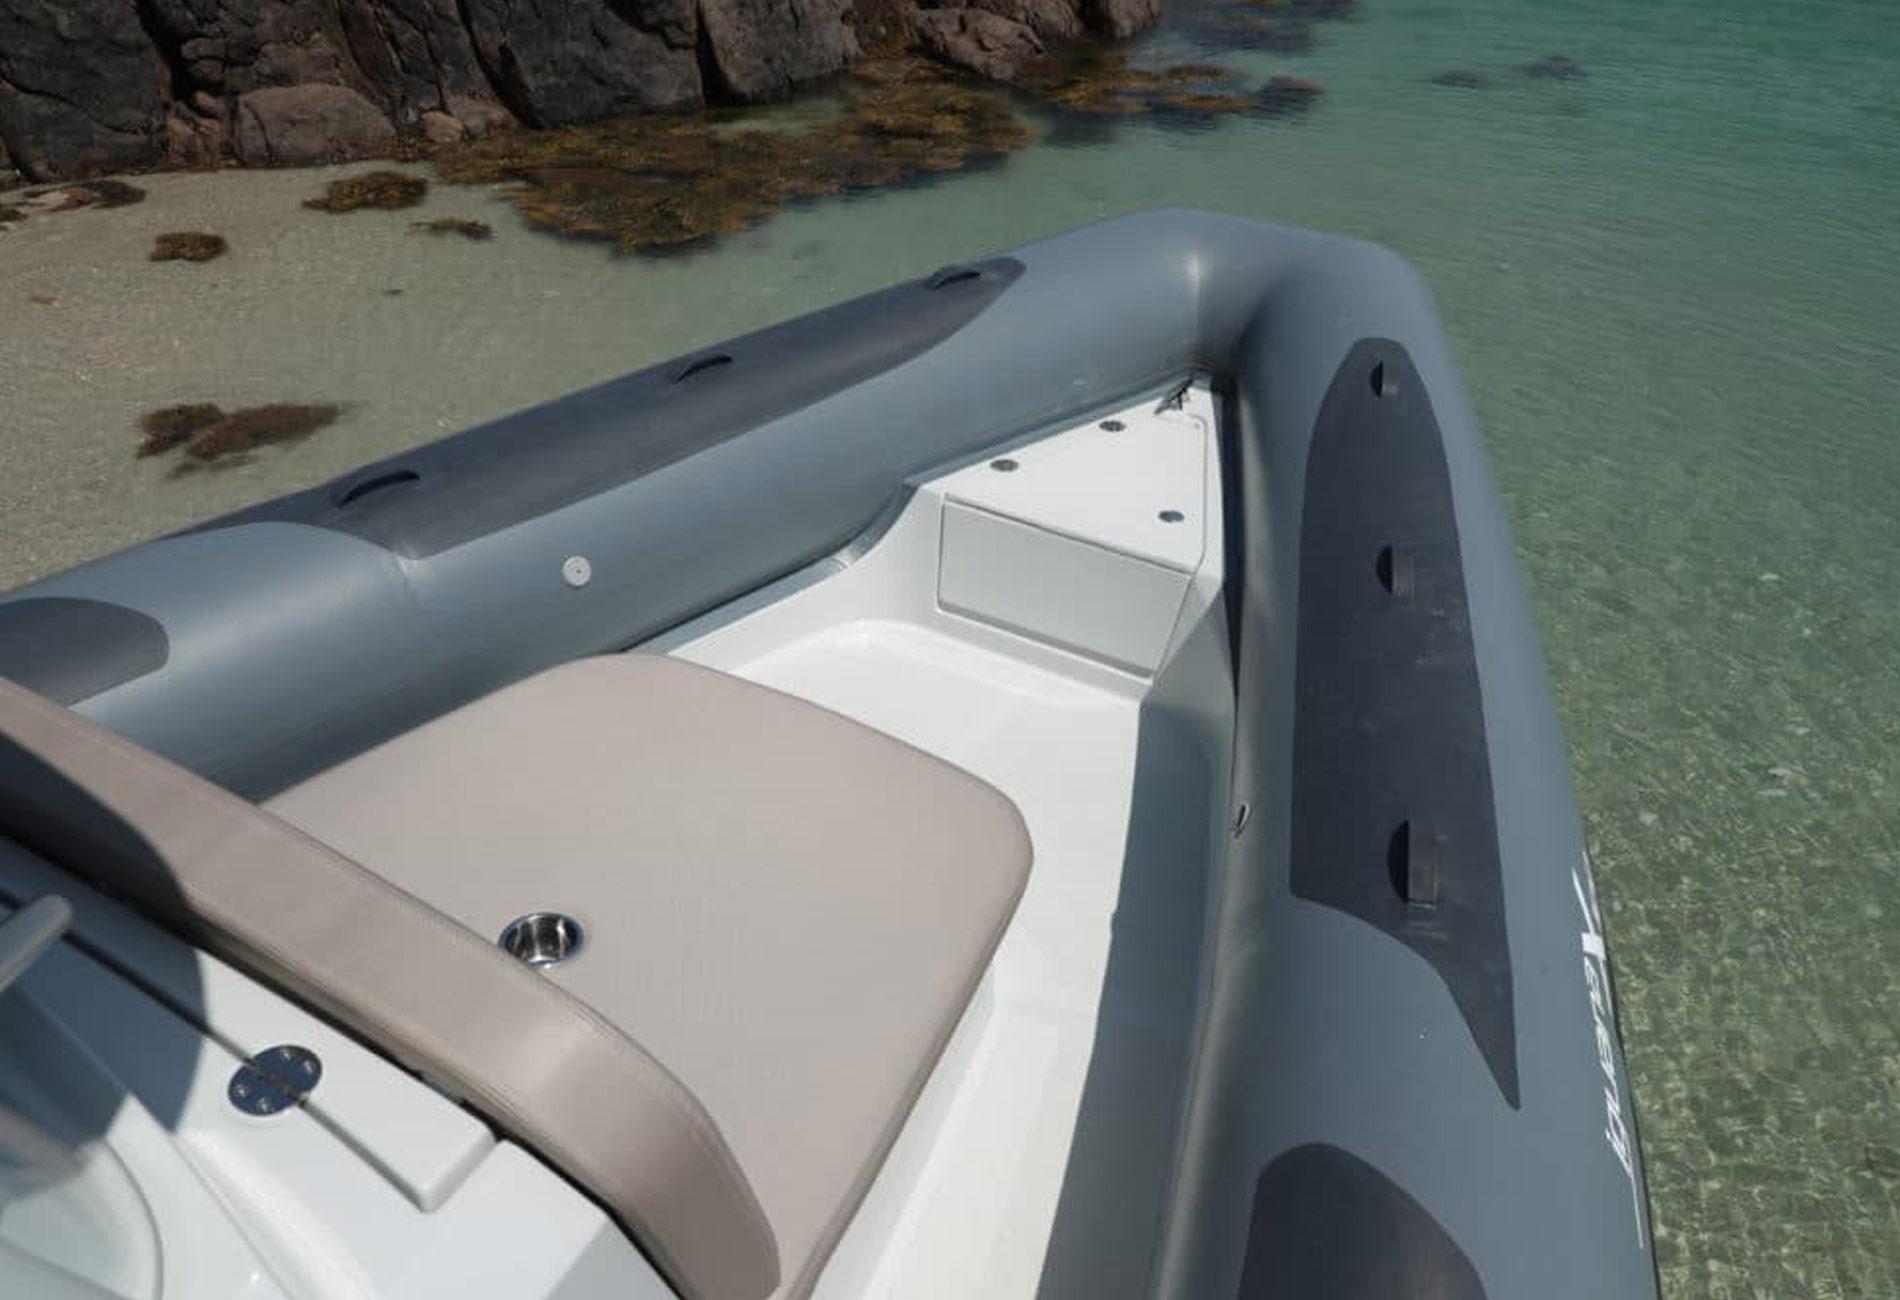 bateau de série amphibie-vincent lebailly-architecture navale